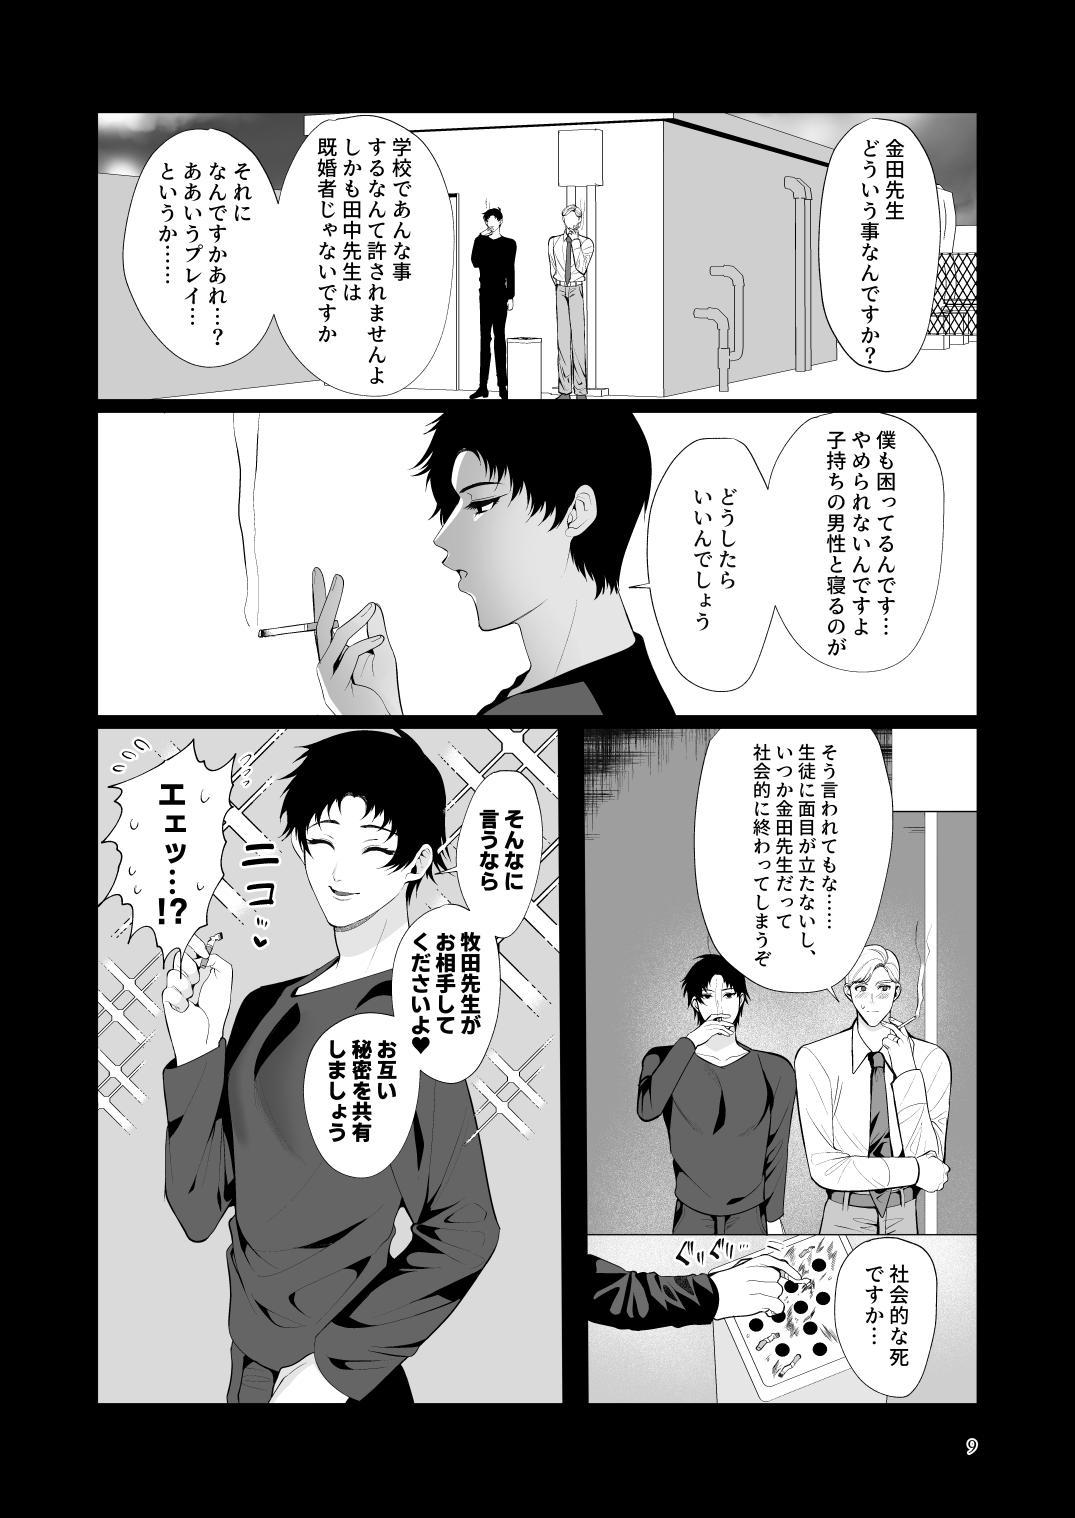 Kyozou no Sugata wa Chichi ni Nite iru 7